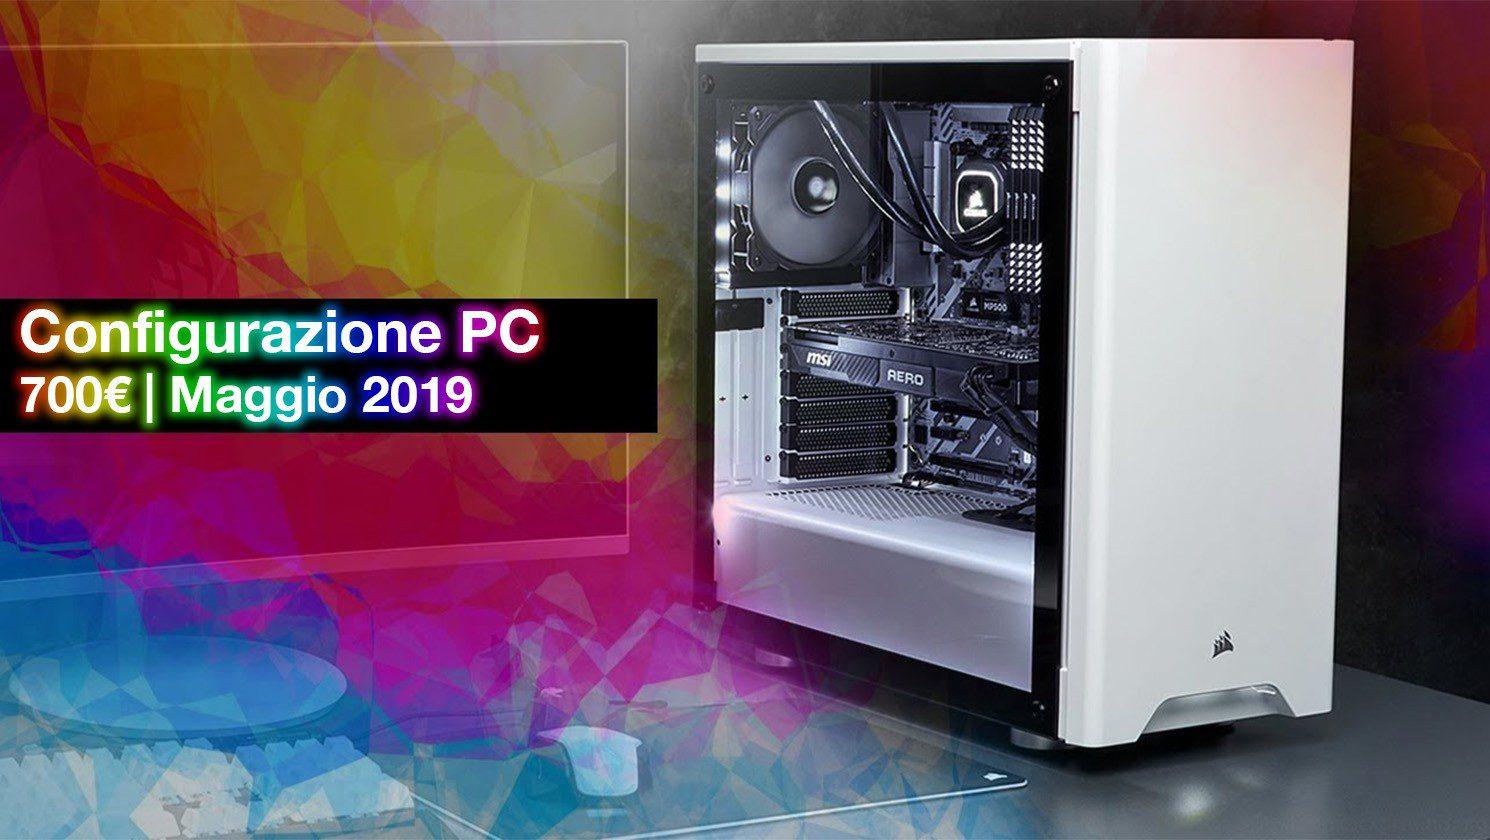 La migliore configurazione PC da 700€ | Maggio 2019